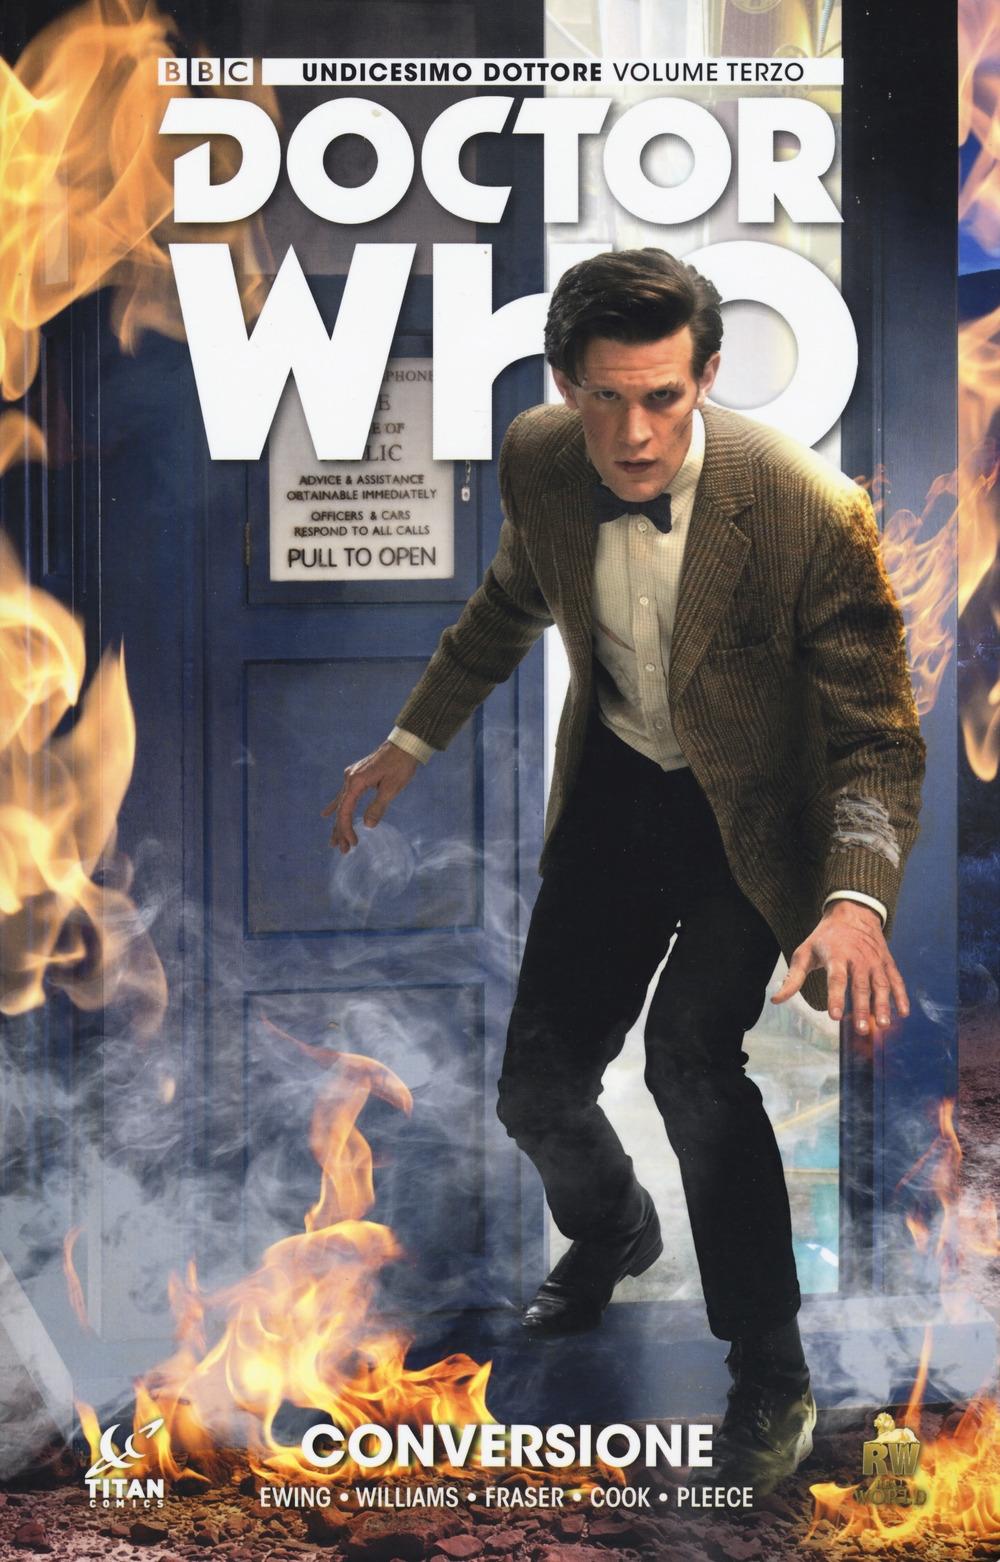 Doctor Who. Undicesimo dottore. Vol. 3: Conversione